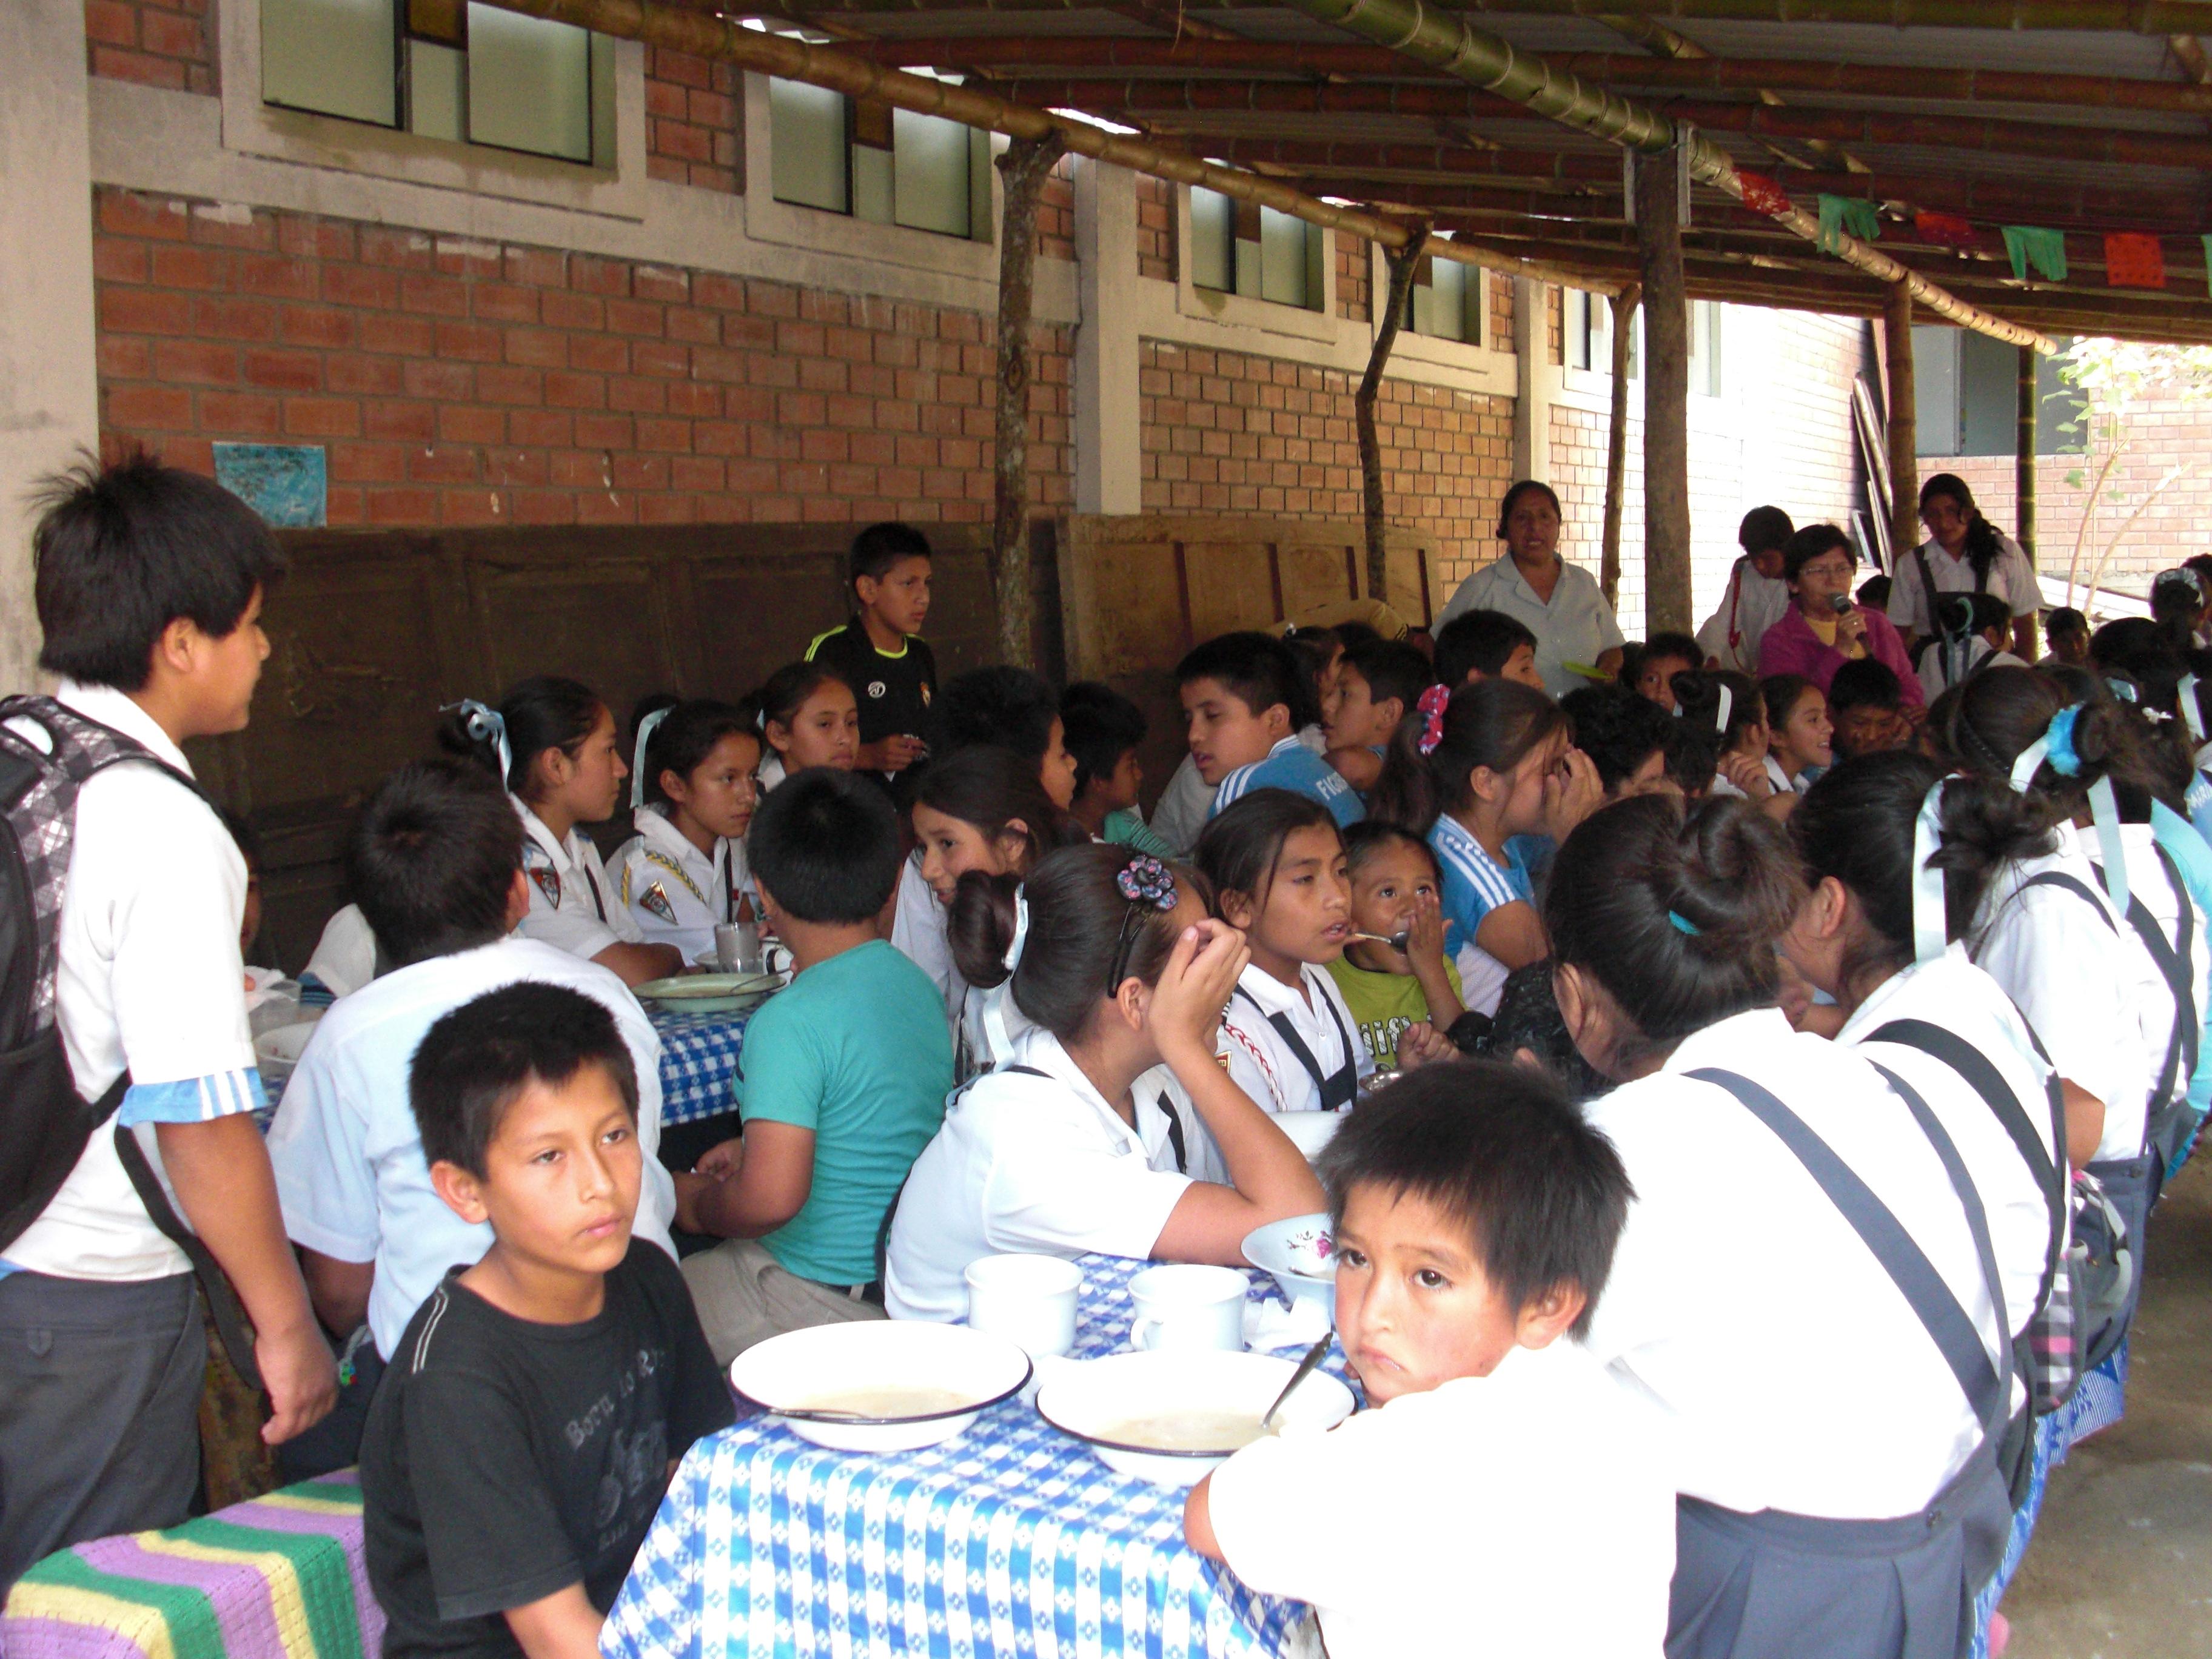 Niños peruanos en el comedor escolar de Aulas Abiertas en La Florida